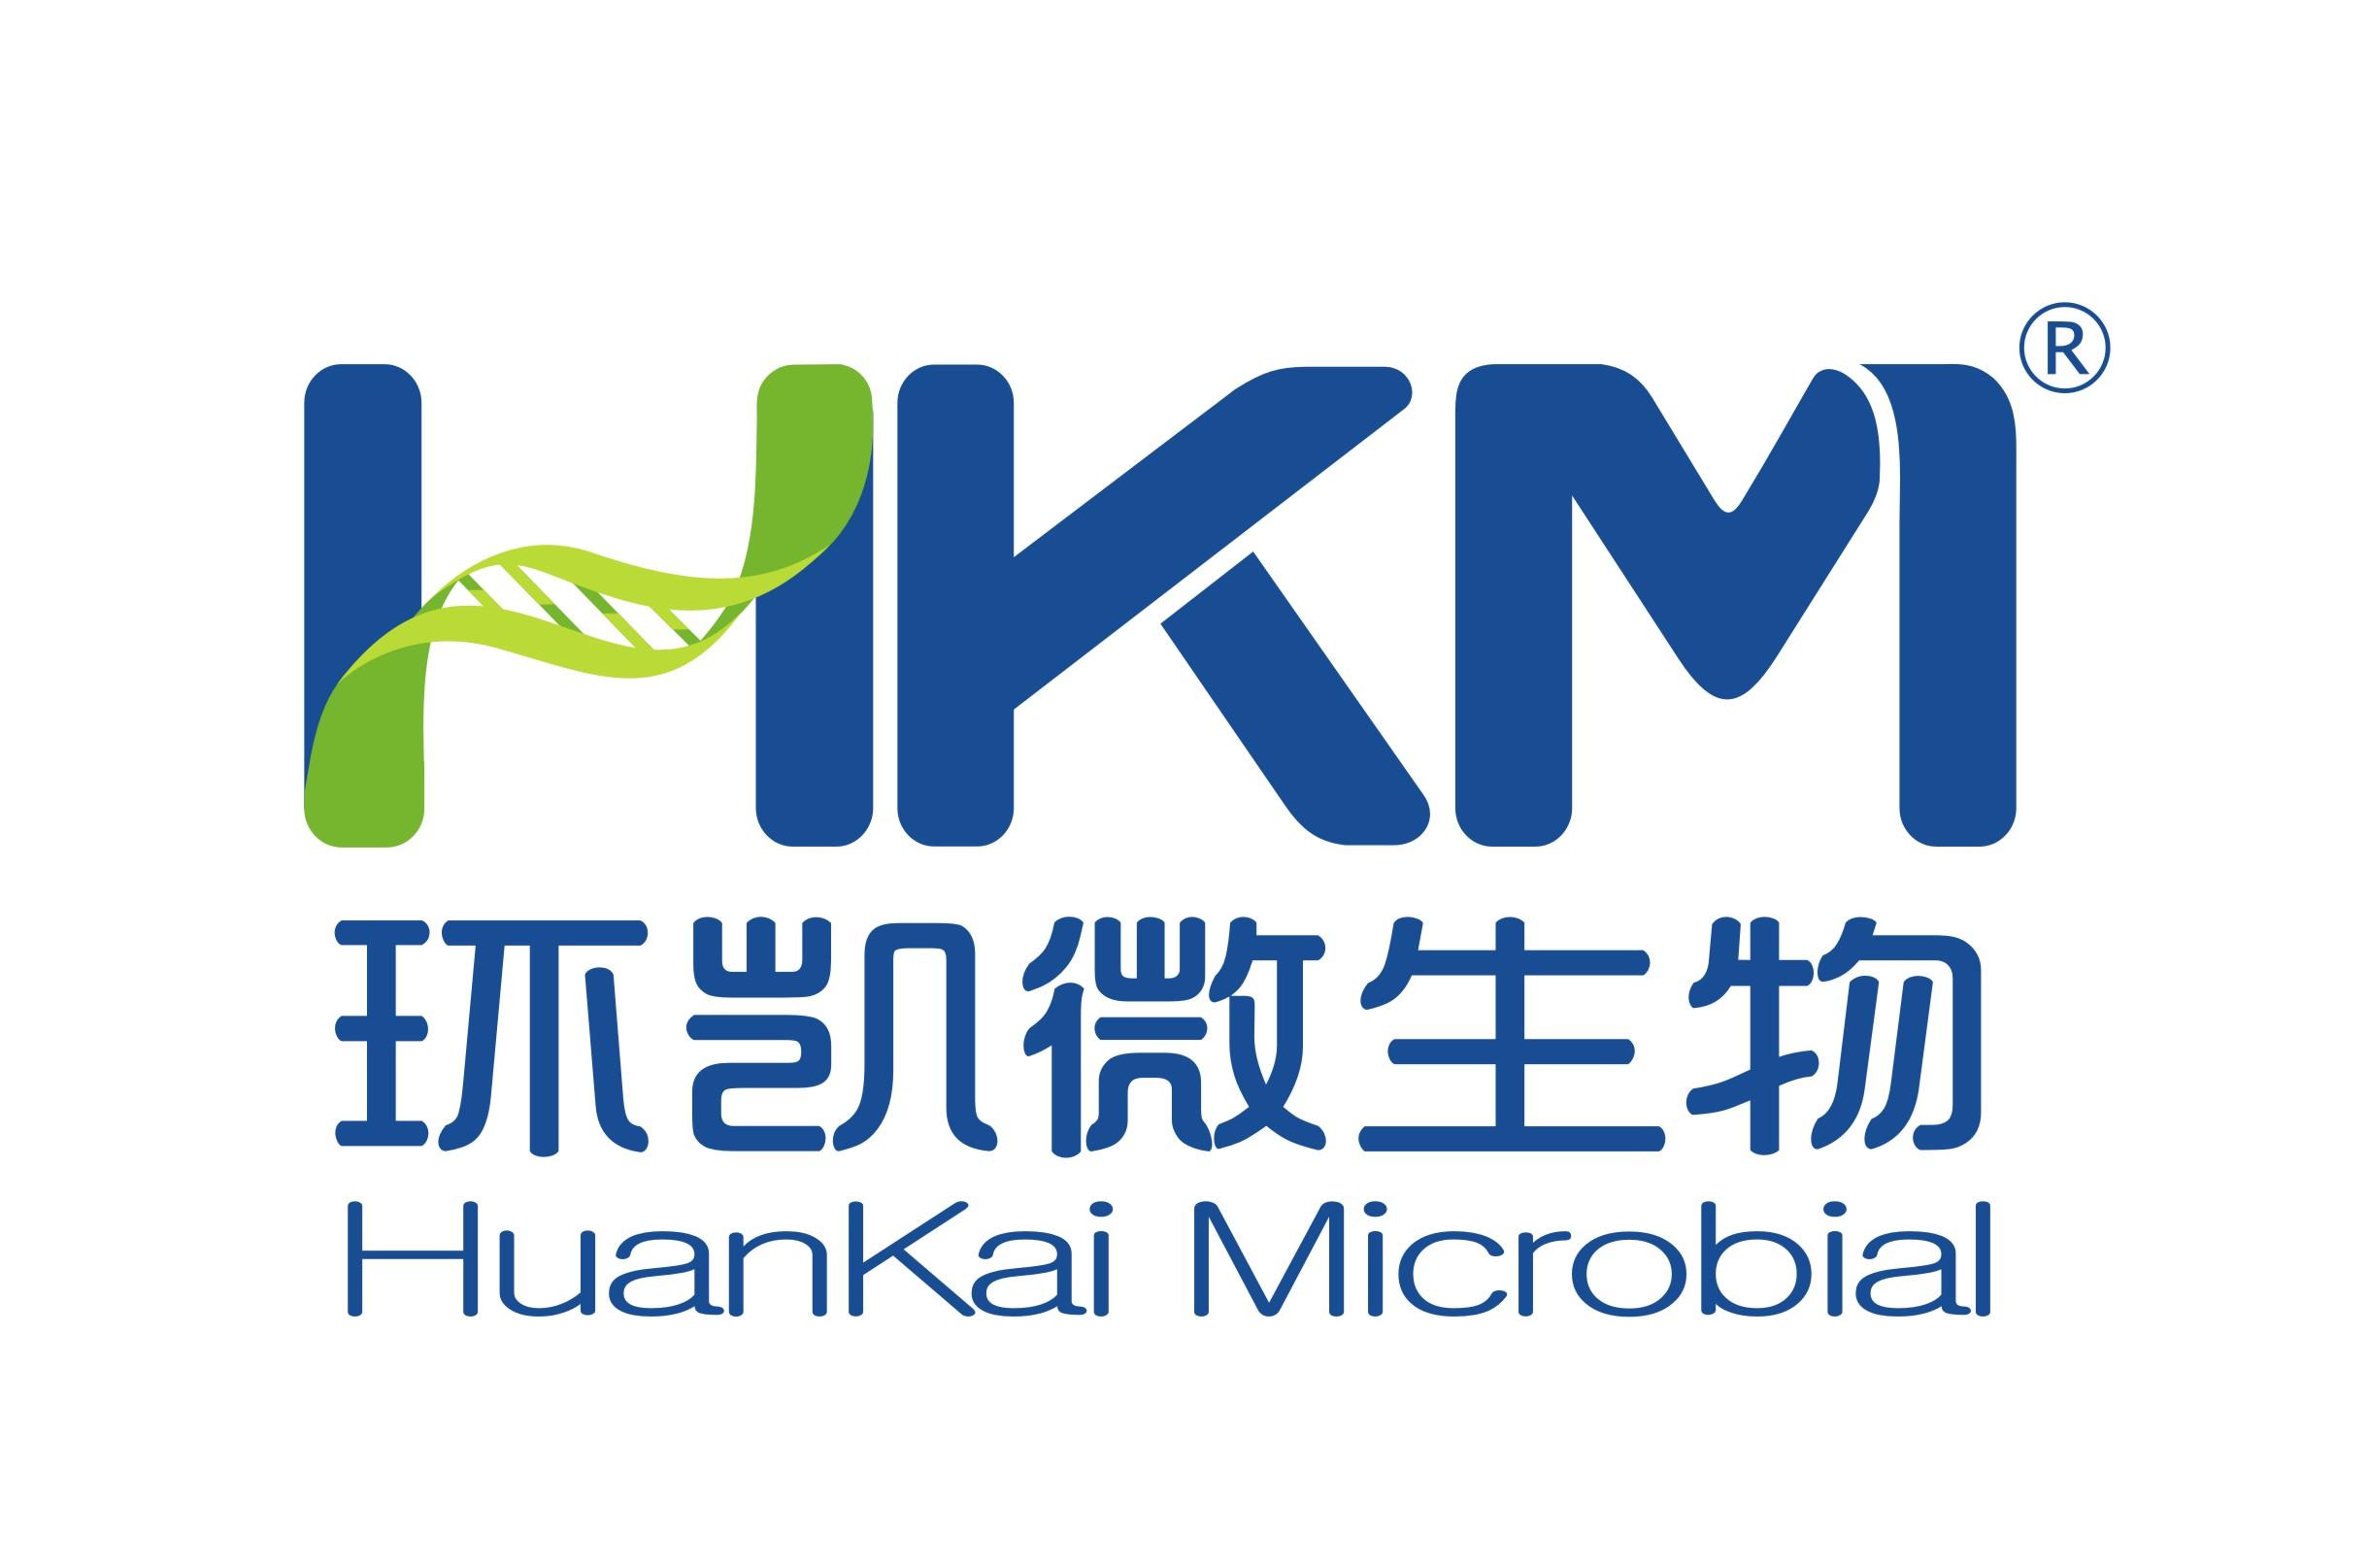 廣東環凱微生物科技有限公司